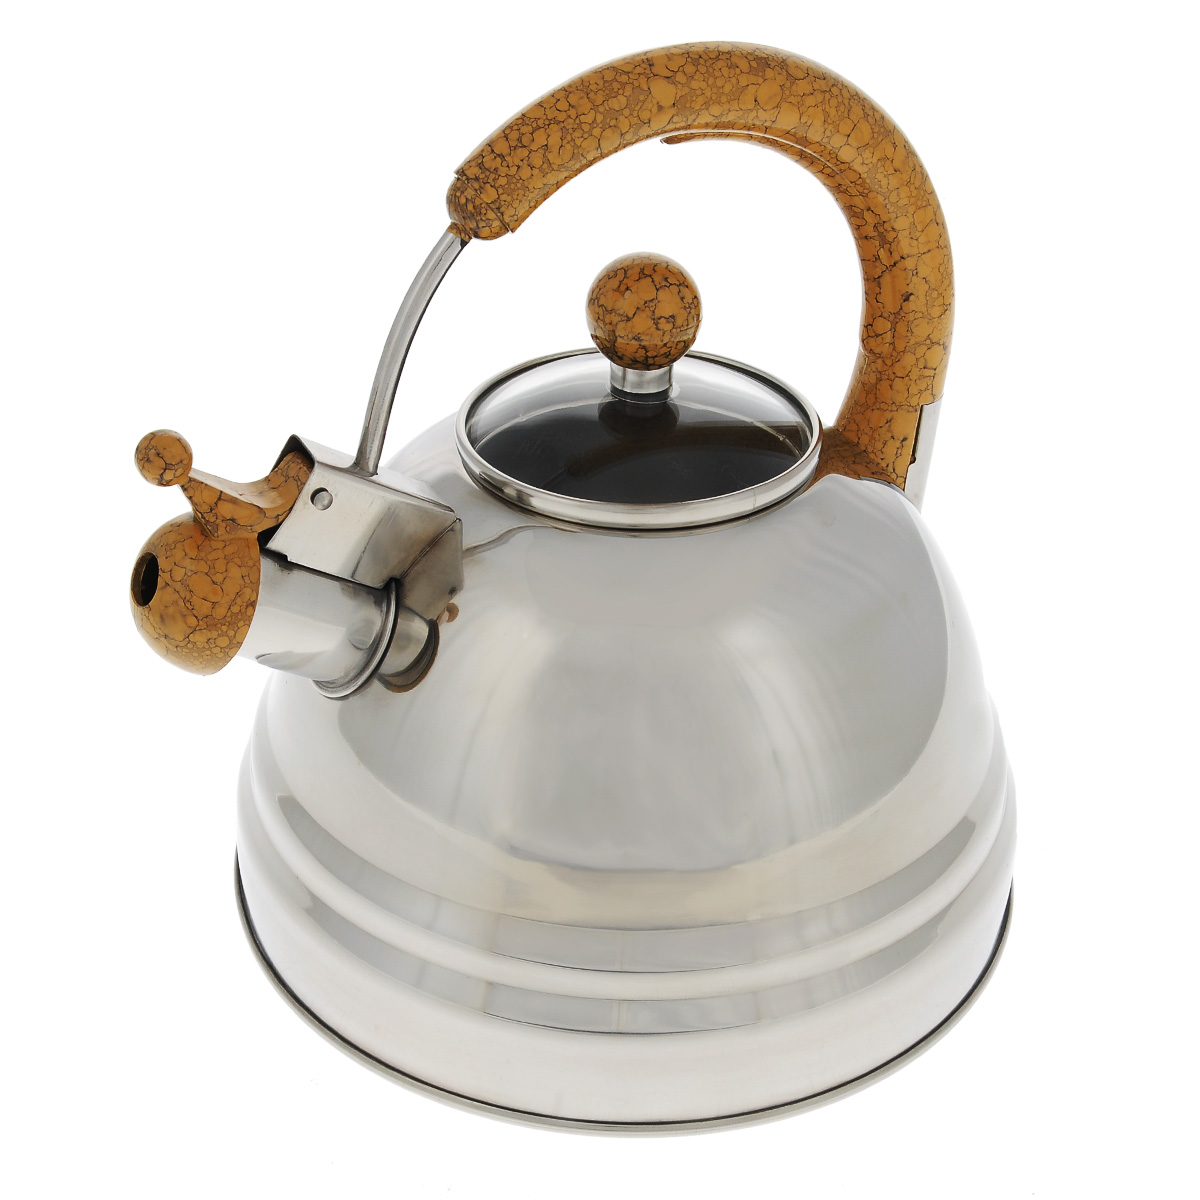 Чайник Bekker Koch со свистком, цвет: коричневый, 3 л. BK-S368FS-91909Чайник Bekker Koch изготовлен из высококачественной нержавеющей стали 18/10 с зеркальной полировкой. Капсулированное дно распределяет тепло по всей поверхности, что позволяет чайнику быстро закипать. Эргономичная фиксированная ручка выполнена из бакелита коричневого цвета под мрамор. Крышка изготовлена из жаростойкого стекла. Носик оснащен откидным свистком, который подскажет, когда вода закипела. Свисток открывается и закрывается с помощью рычага на носике. Подходит для всех типов плит, кроме индукционных. Можно мыть в посудомоечной машине.